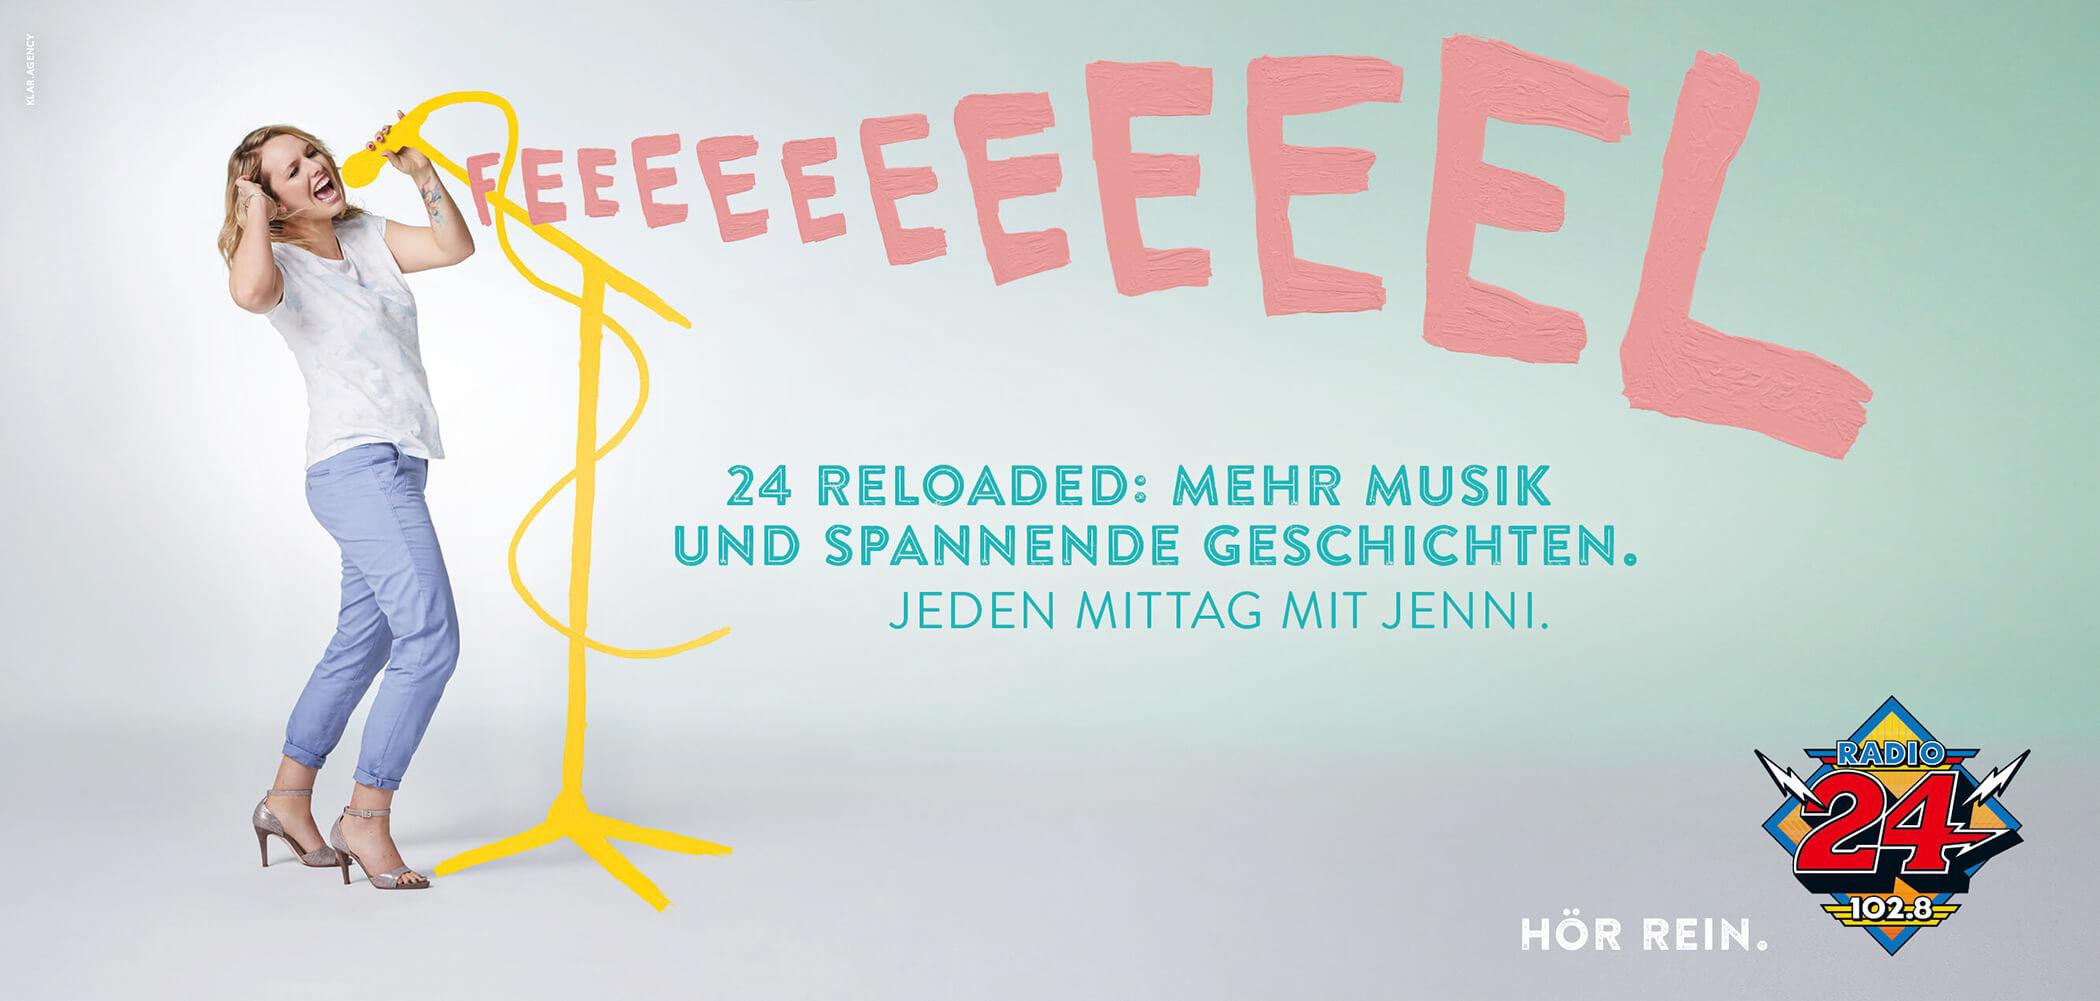 klar-agency_radio24_f12_jenni (1).jpg